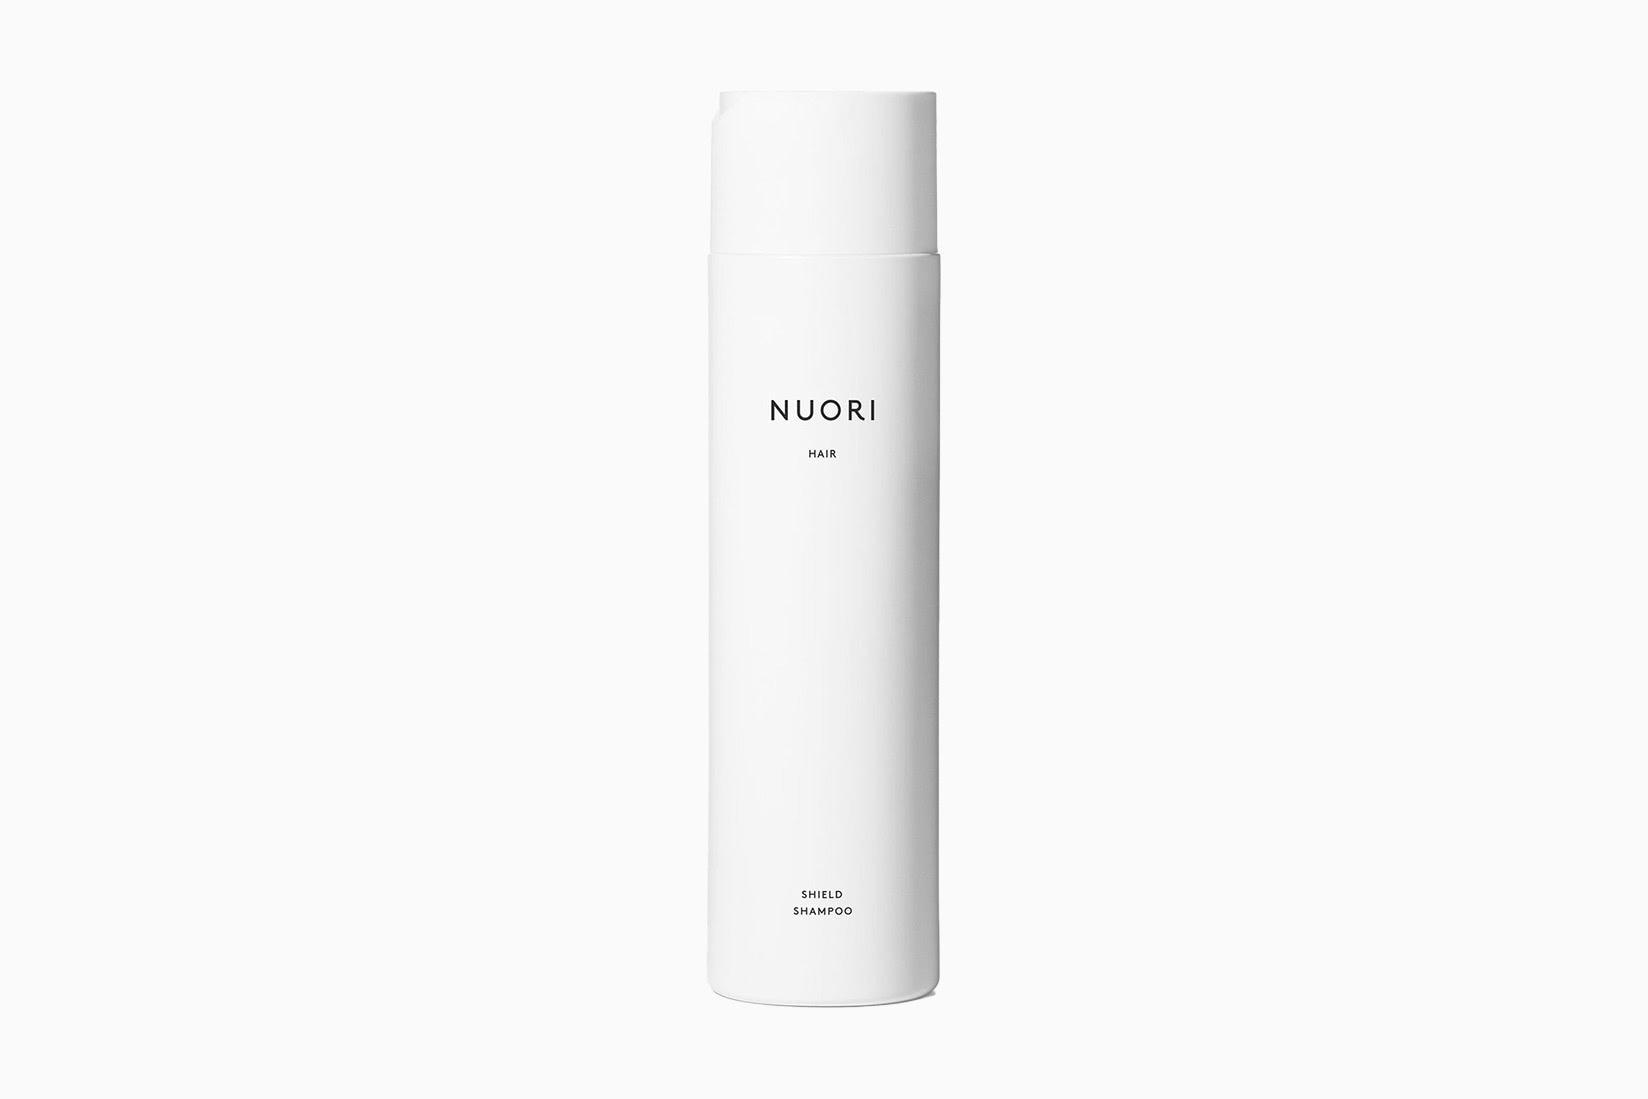 best shampoos women nuori luxe digital